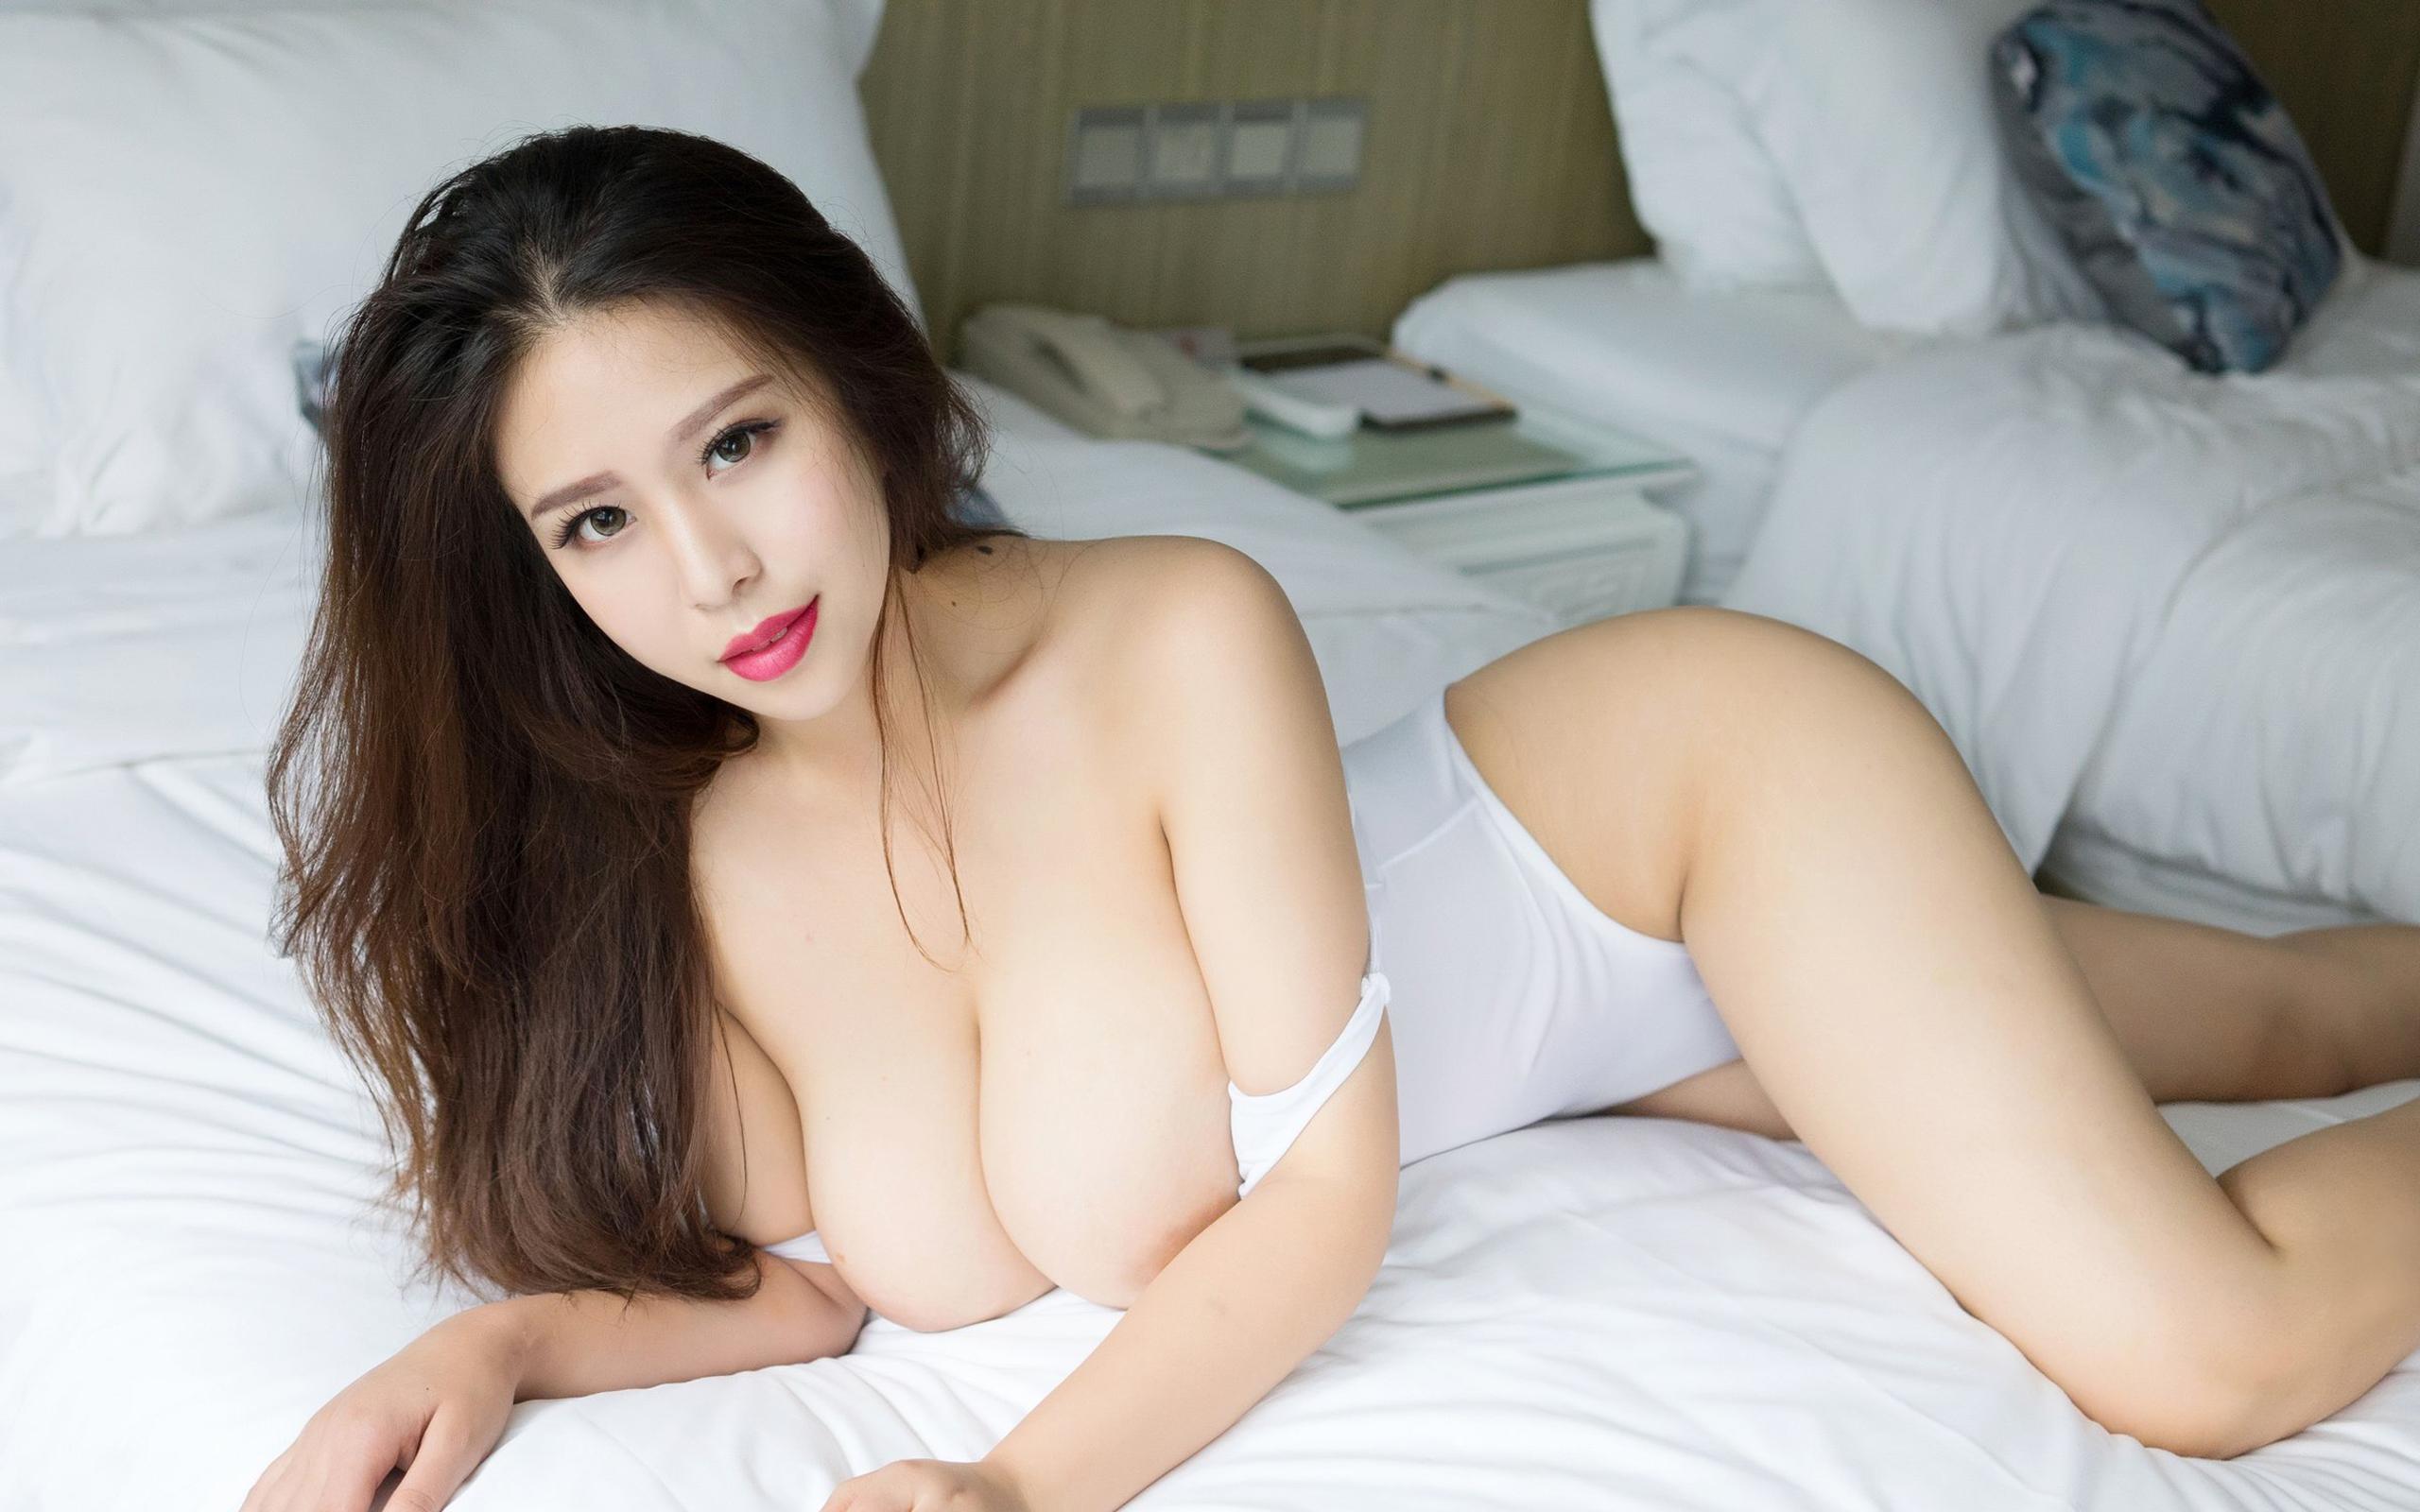 情圣满枫:情侣之间, 别做这三件事, 女生会跟你分手